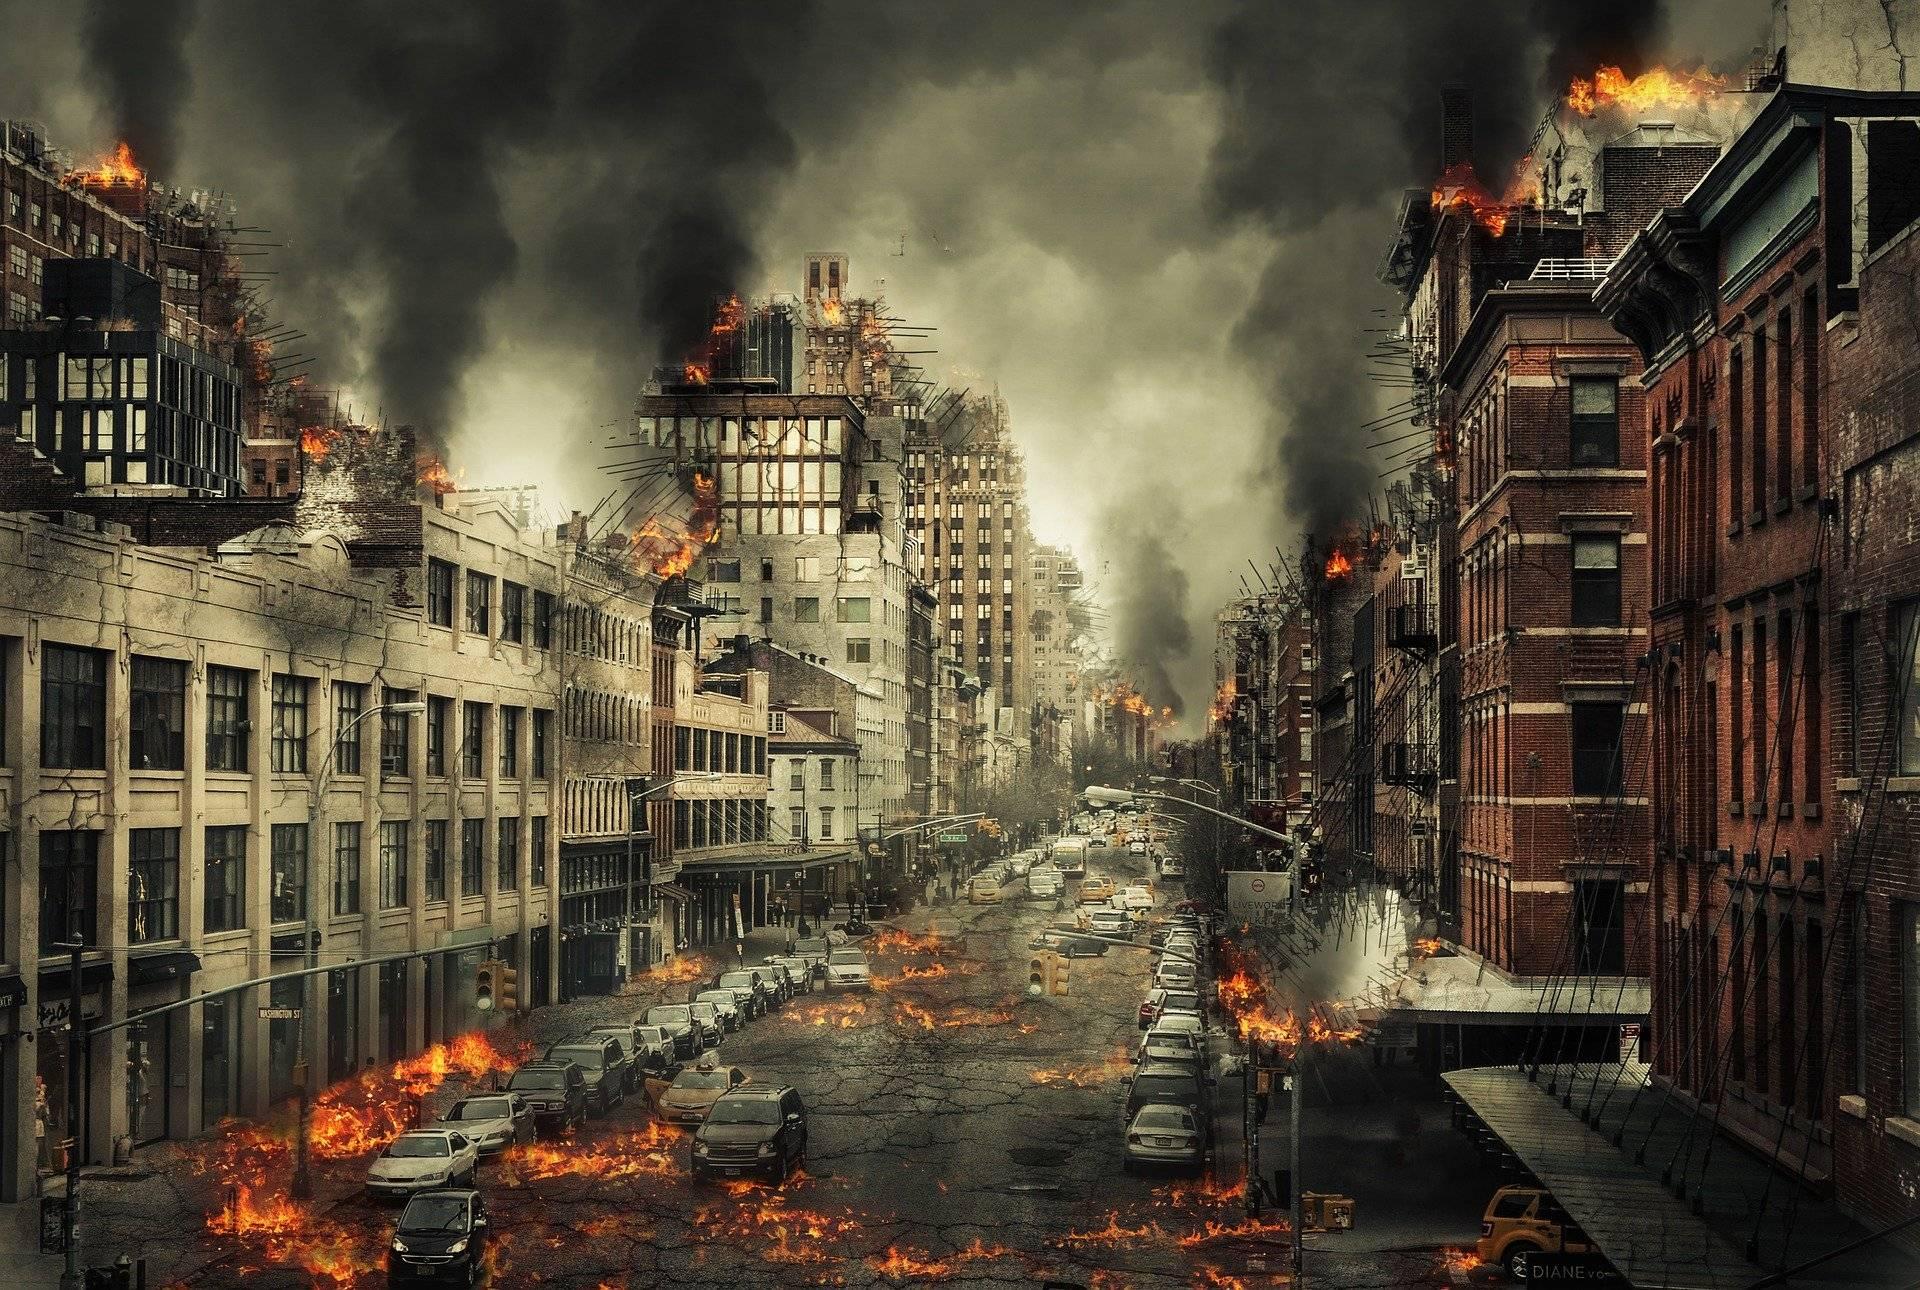 Ванга предсказала конец света в 2020 году: случится ли апокалипсис в 2020 году